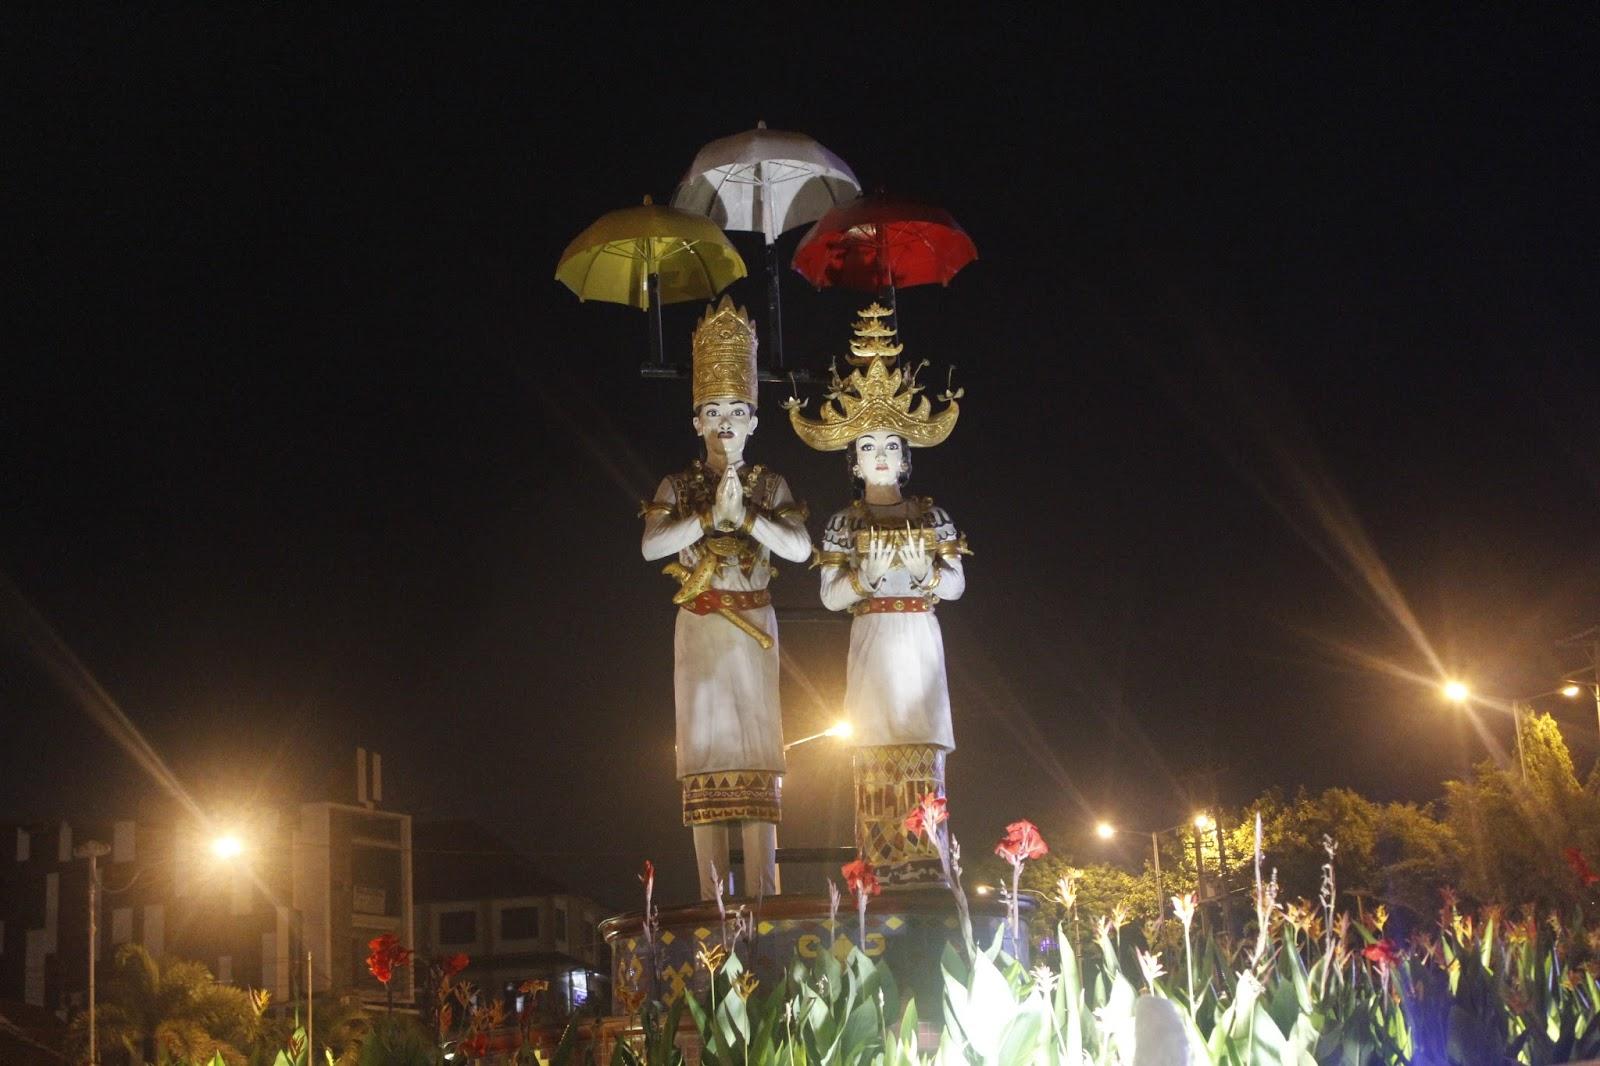 Tugu Pengantin Selamat Datang Lampung Halaman Masjid Alfuqon Terdapat Pengamen